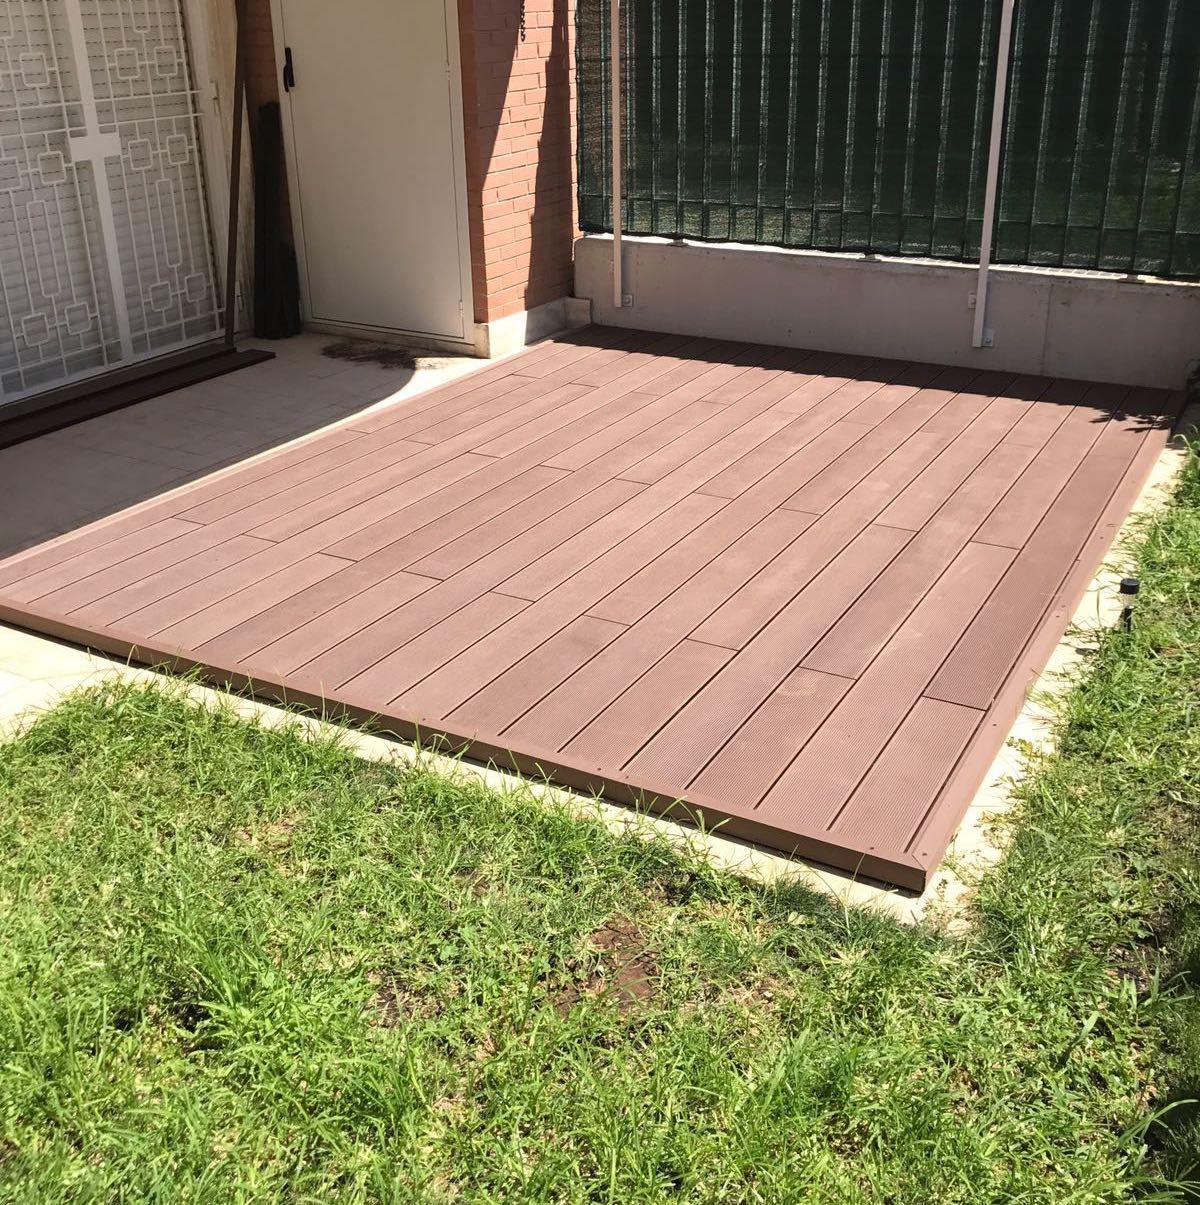 Pedana Di Legno Per Giardino kit completo terrazza wpc 20mq pronto posa 4x5